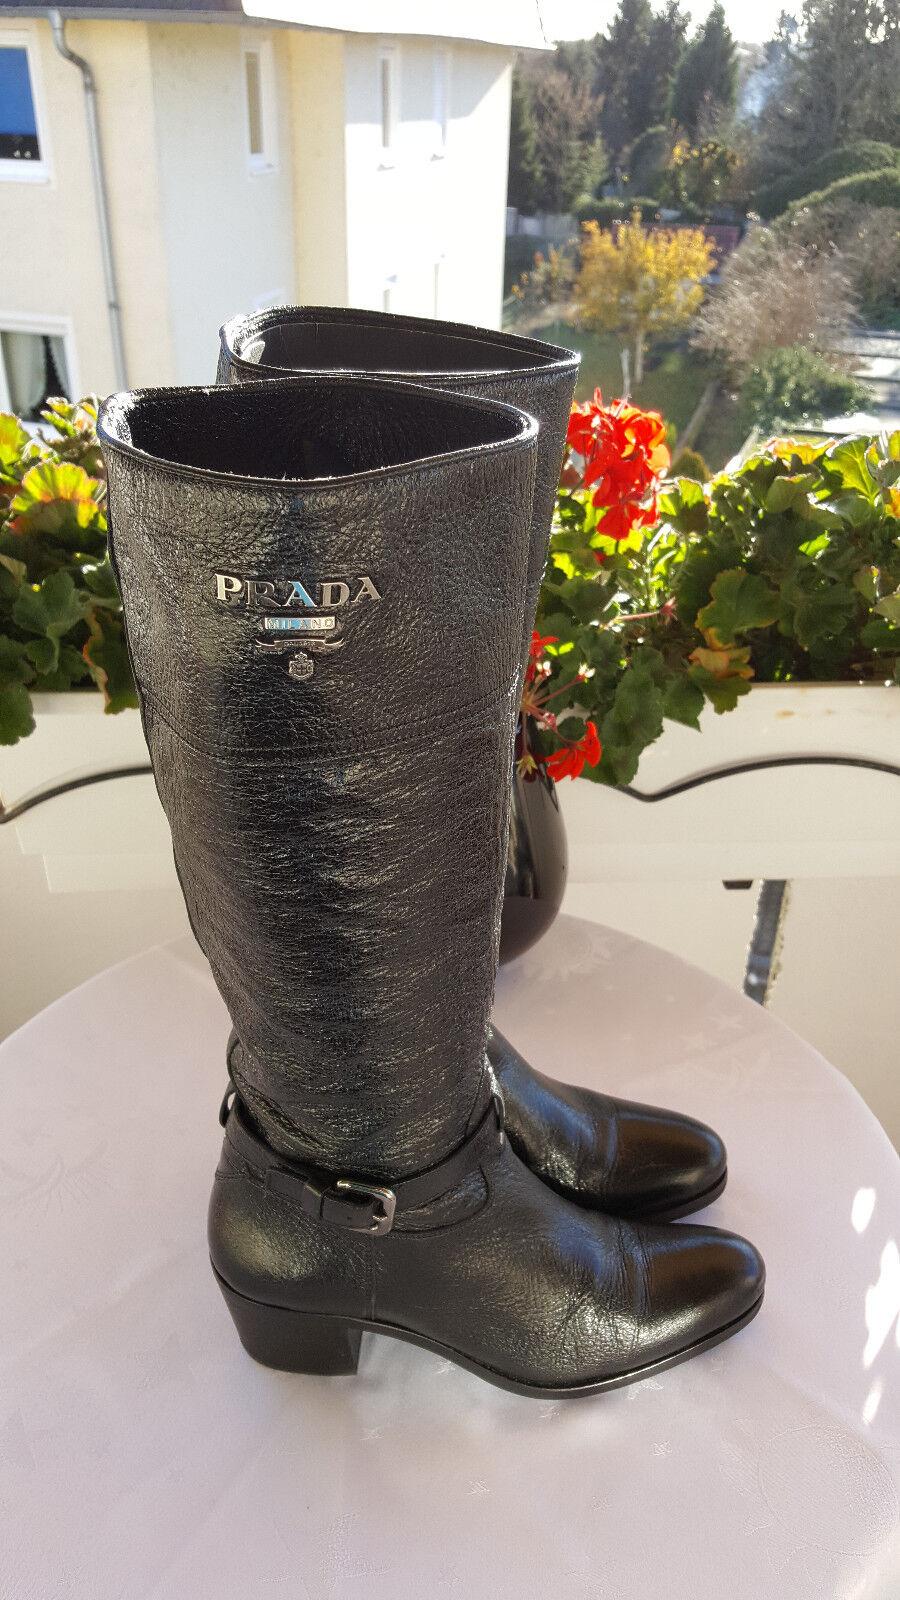 Schwarze in echtleder Stiefel von PRADA in Schwarze Größe 36, Schwarz a7d7ea